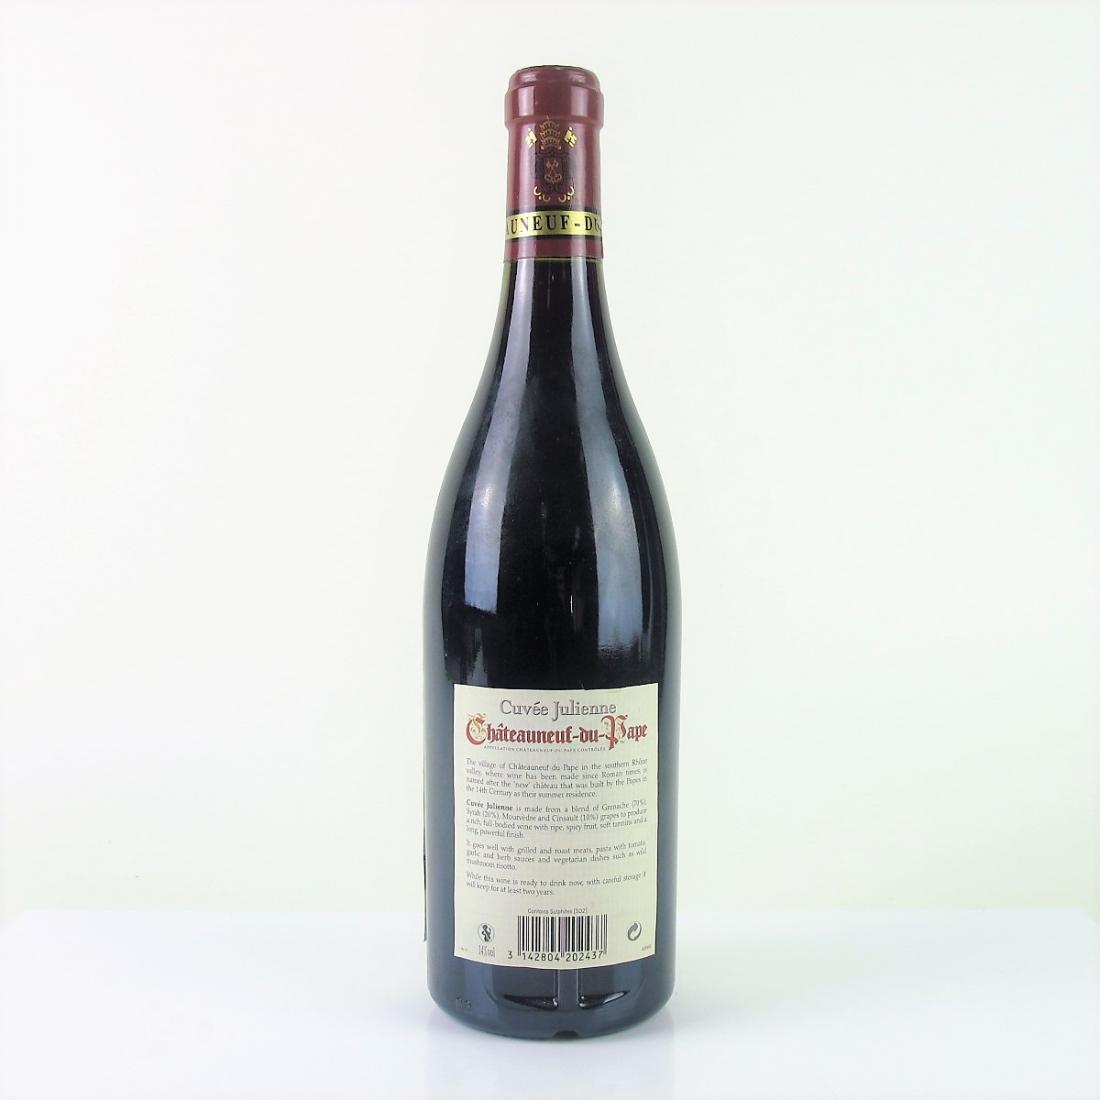 """L.Perdigal """"Cuvee Julienne"""" 2006 Chateauneuf-Du-Pape"""